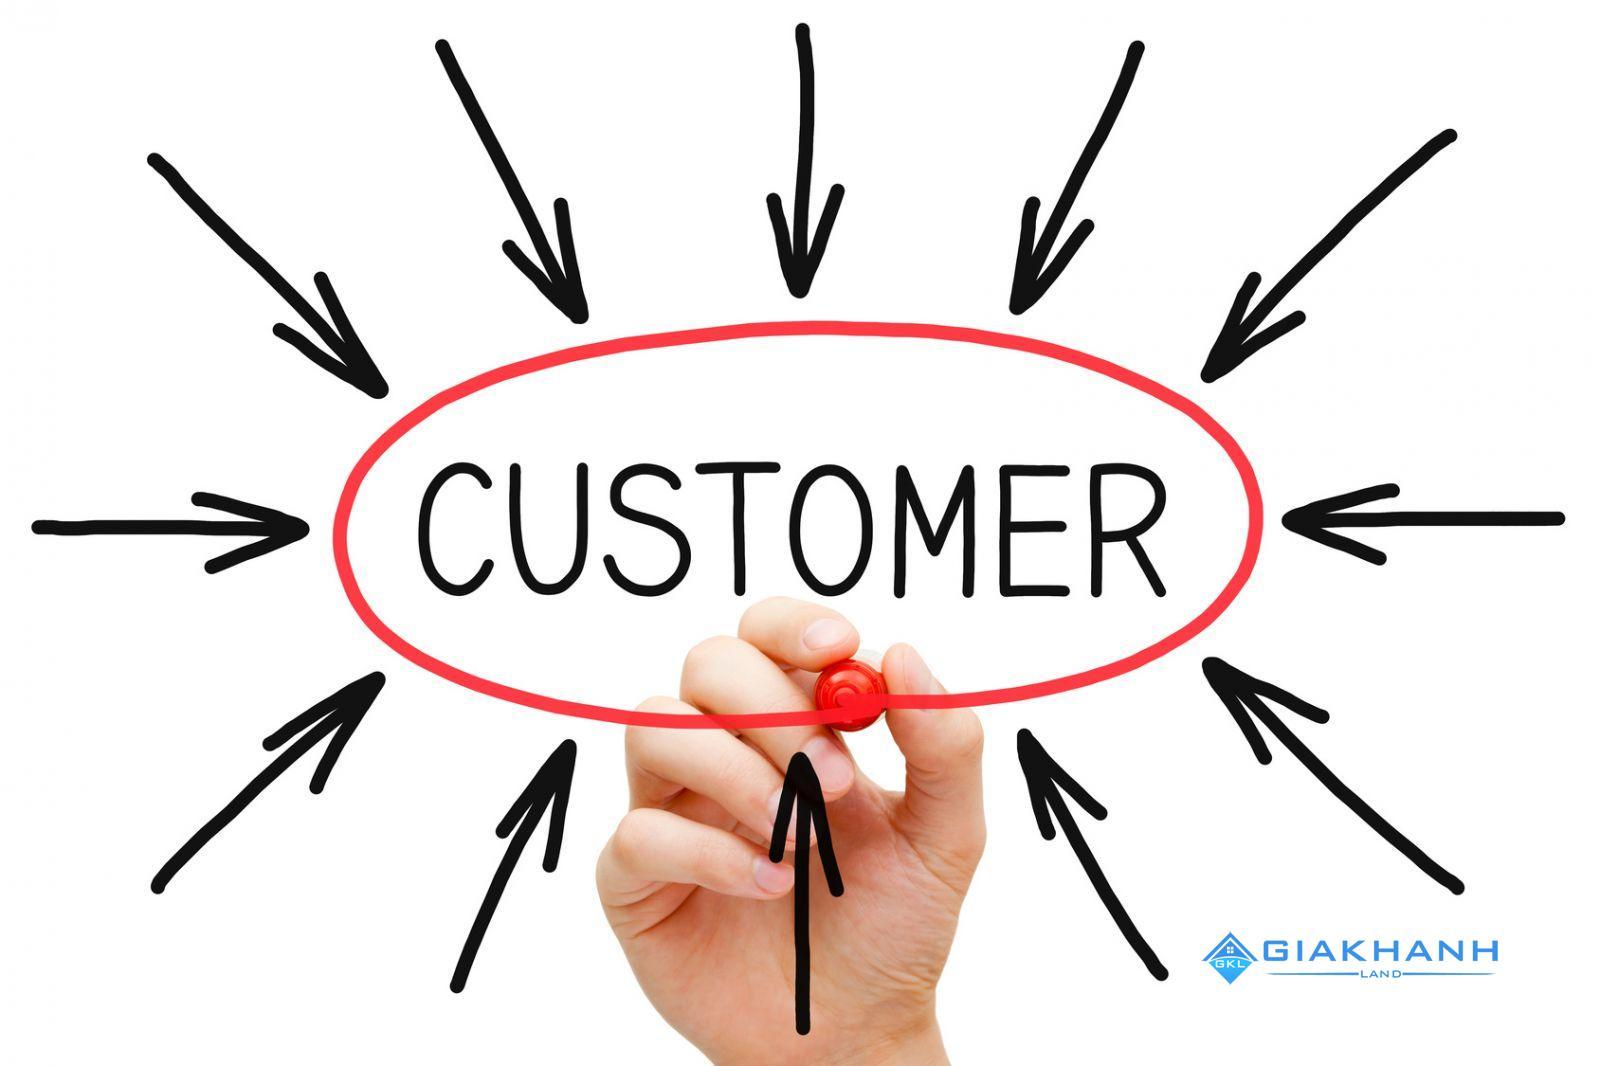 Kinh nghiệm khai thác khách hàng hiệu quả